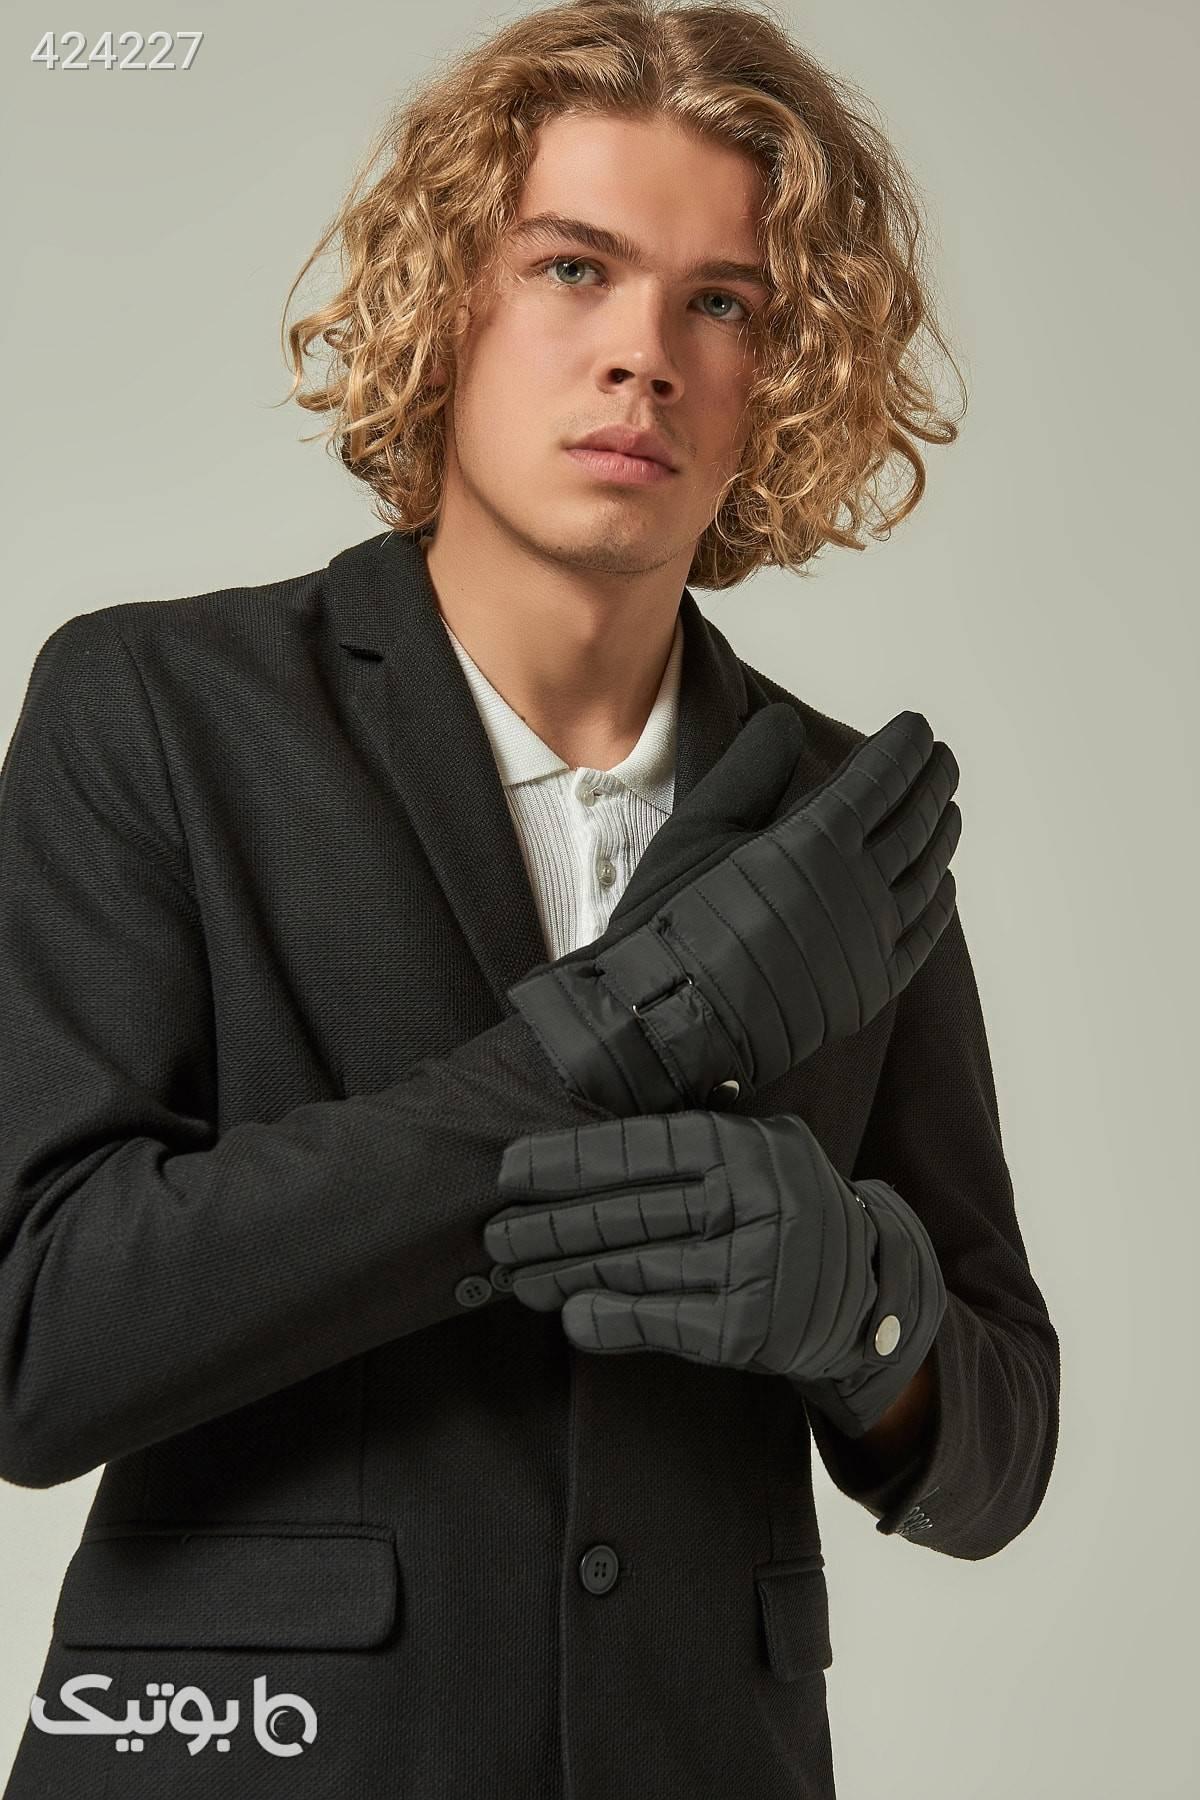 دستکش مشکی اکسسوار دار طرح دوخت مردانه برند Axesoire کد 1585375849 مشکی کلاه بافت و شال گردن و دستکش